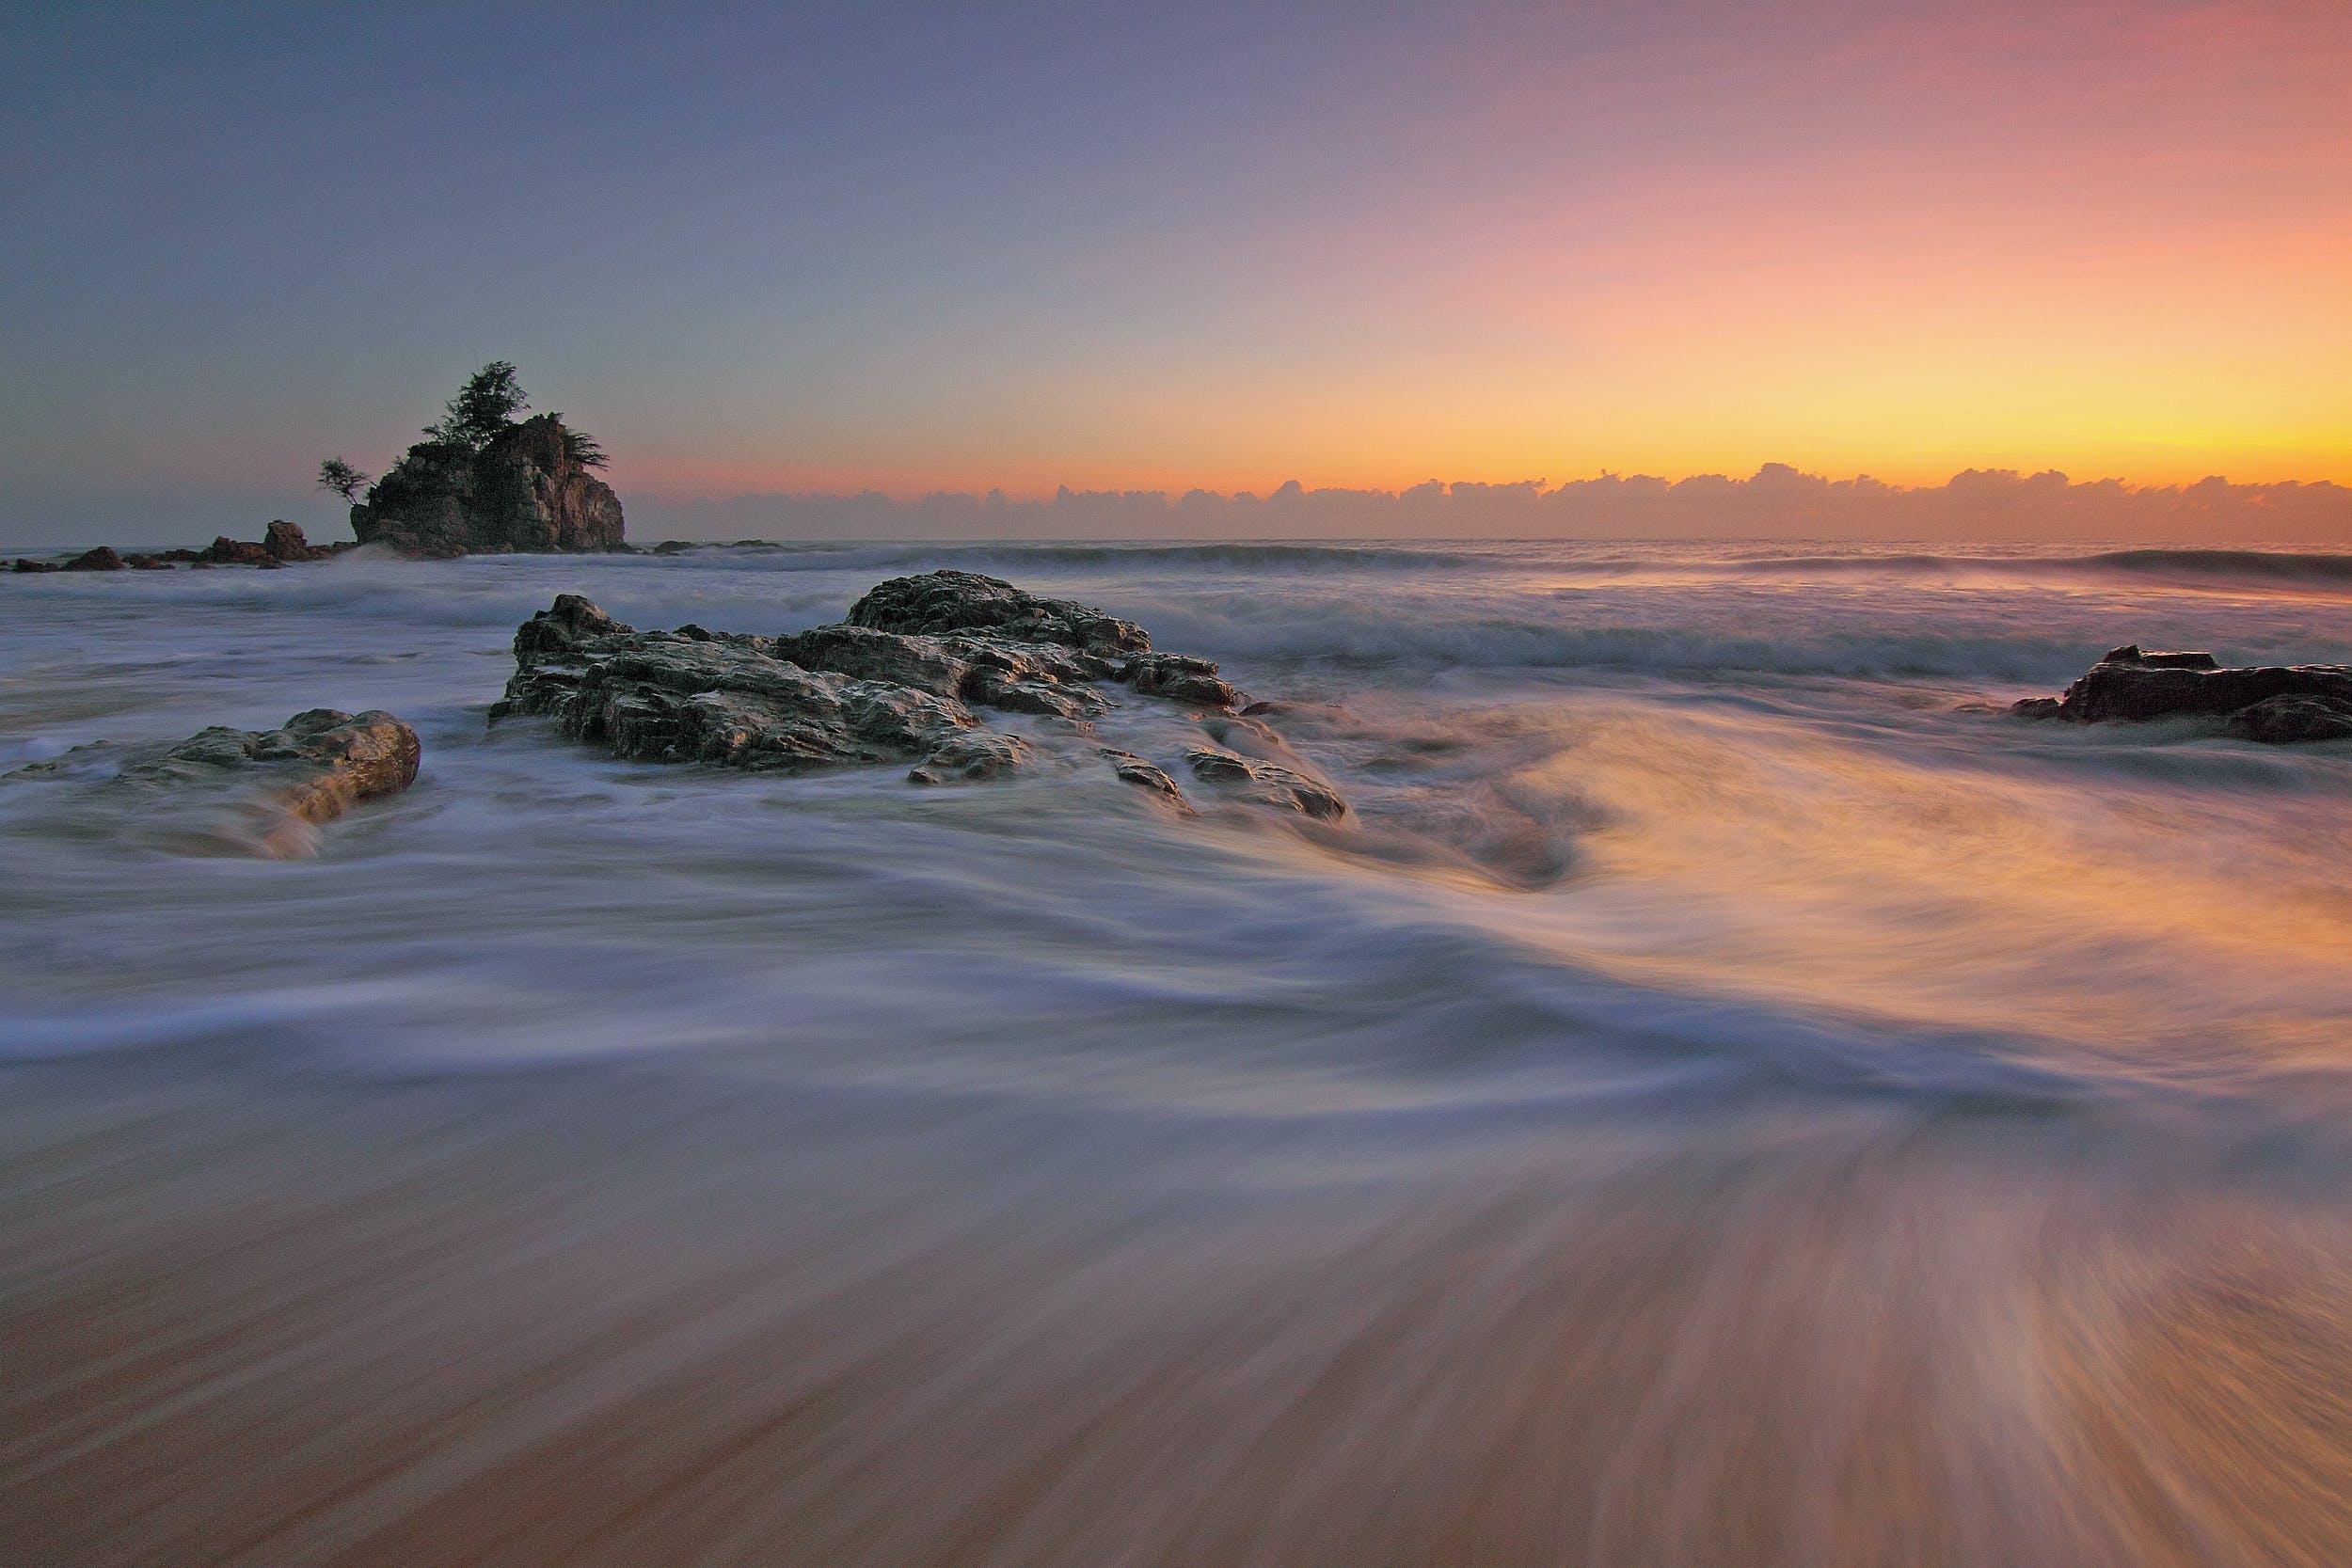 Δωρεάν στοκ φωτογραφιών με άμμος, Ανατολή ηλίου, αυγή, βράχια